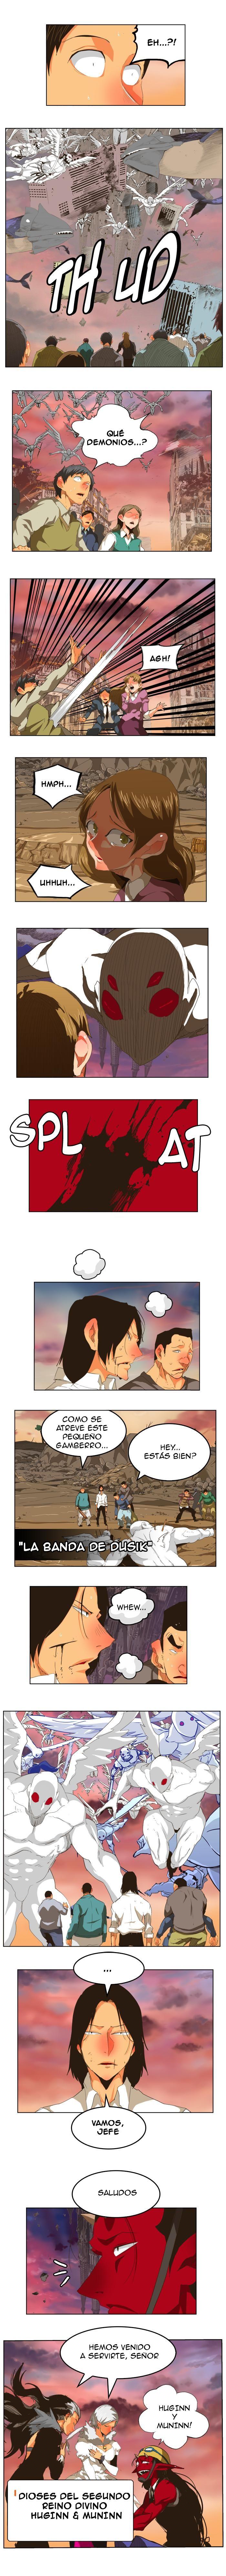 http://c5.ninemanga.com/es_manga/pic2/37/485/502080/abdb9f5517daf77fe4714ad0669c9e19.jpg Page 7